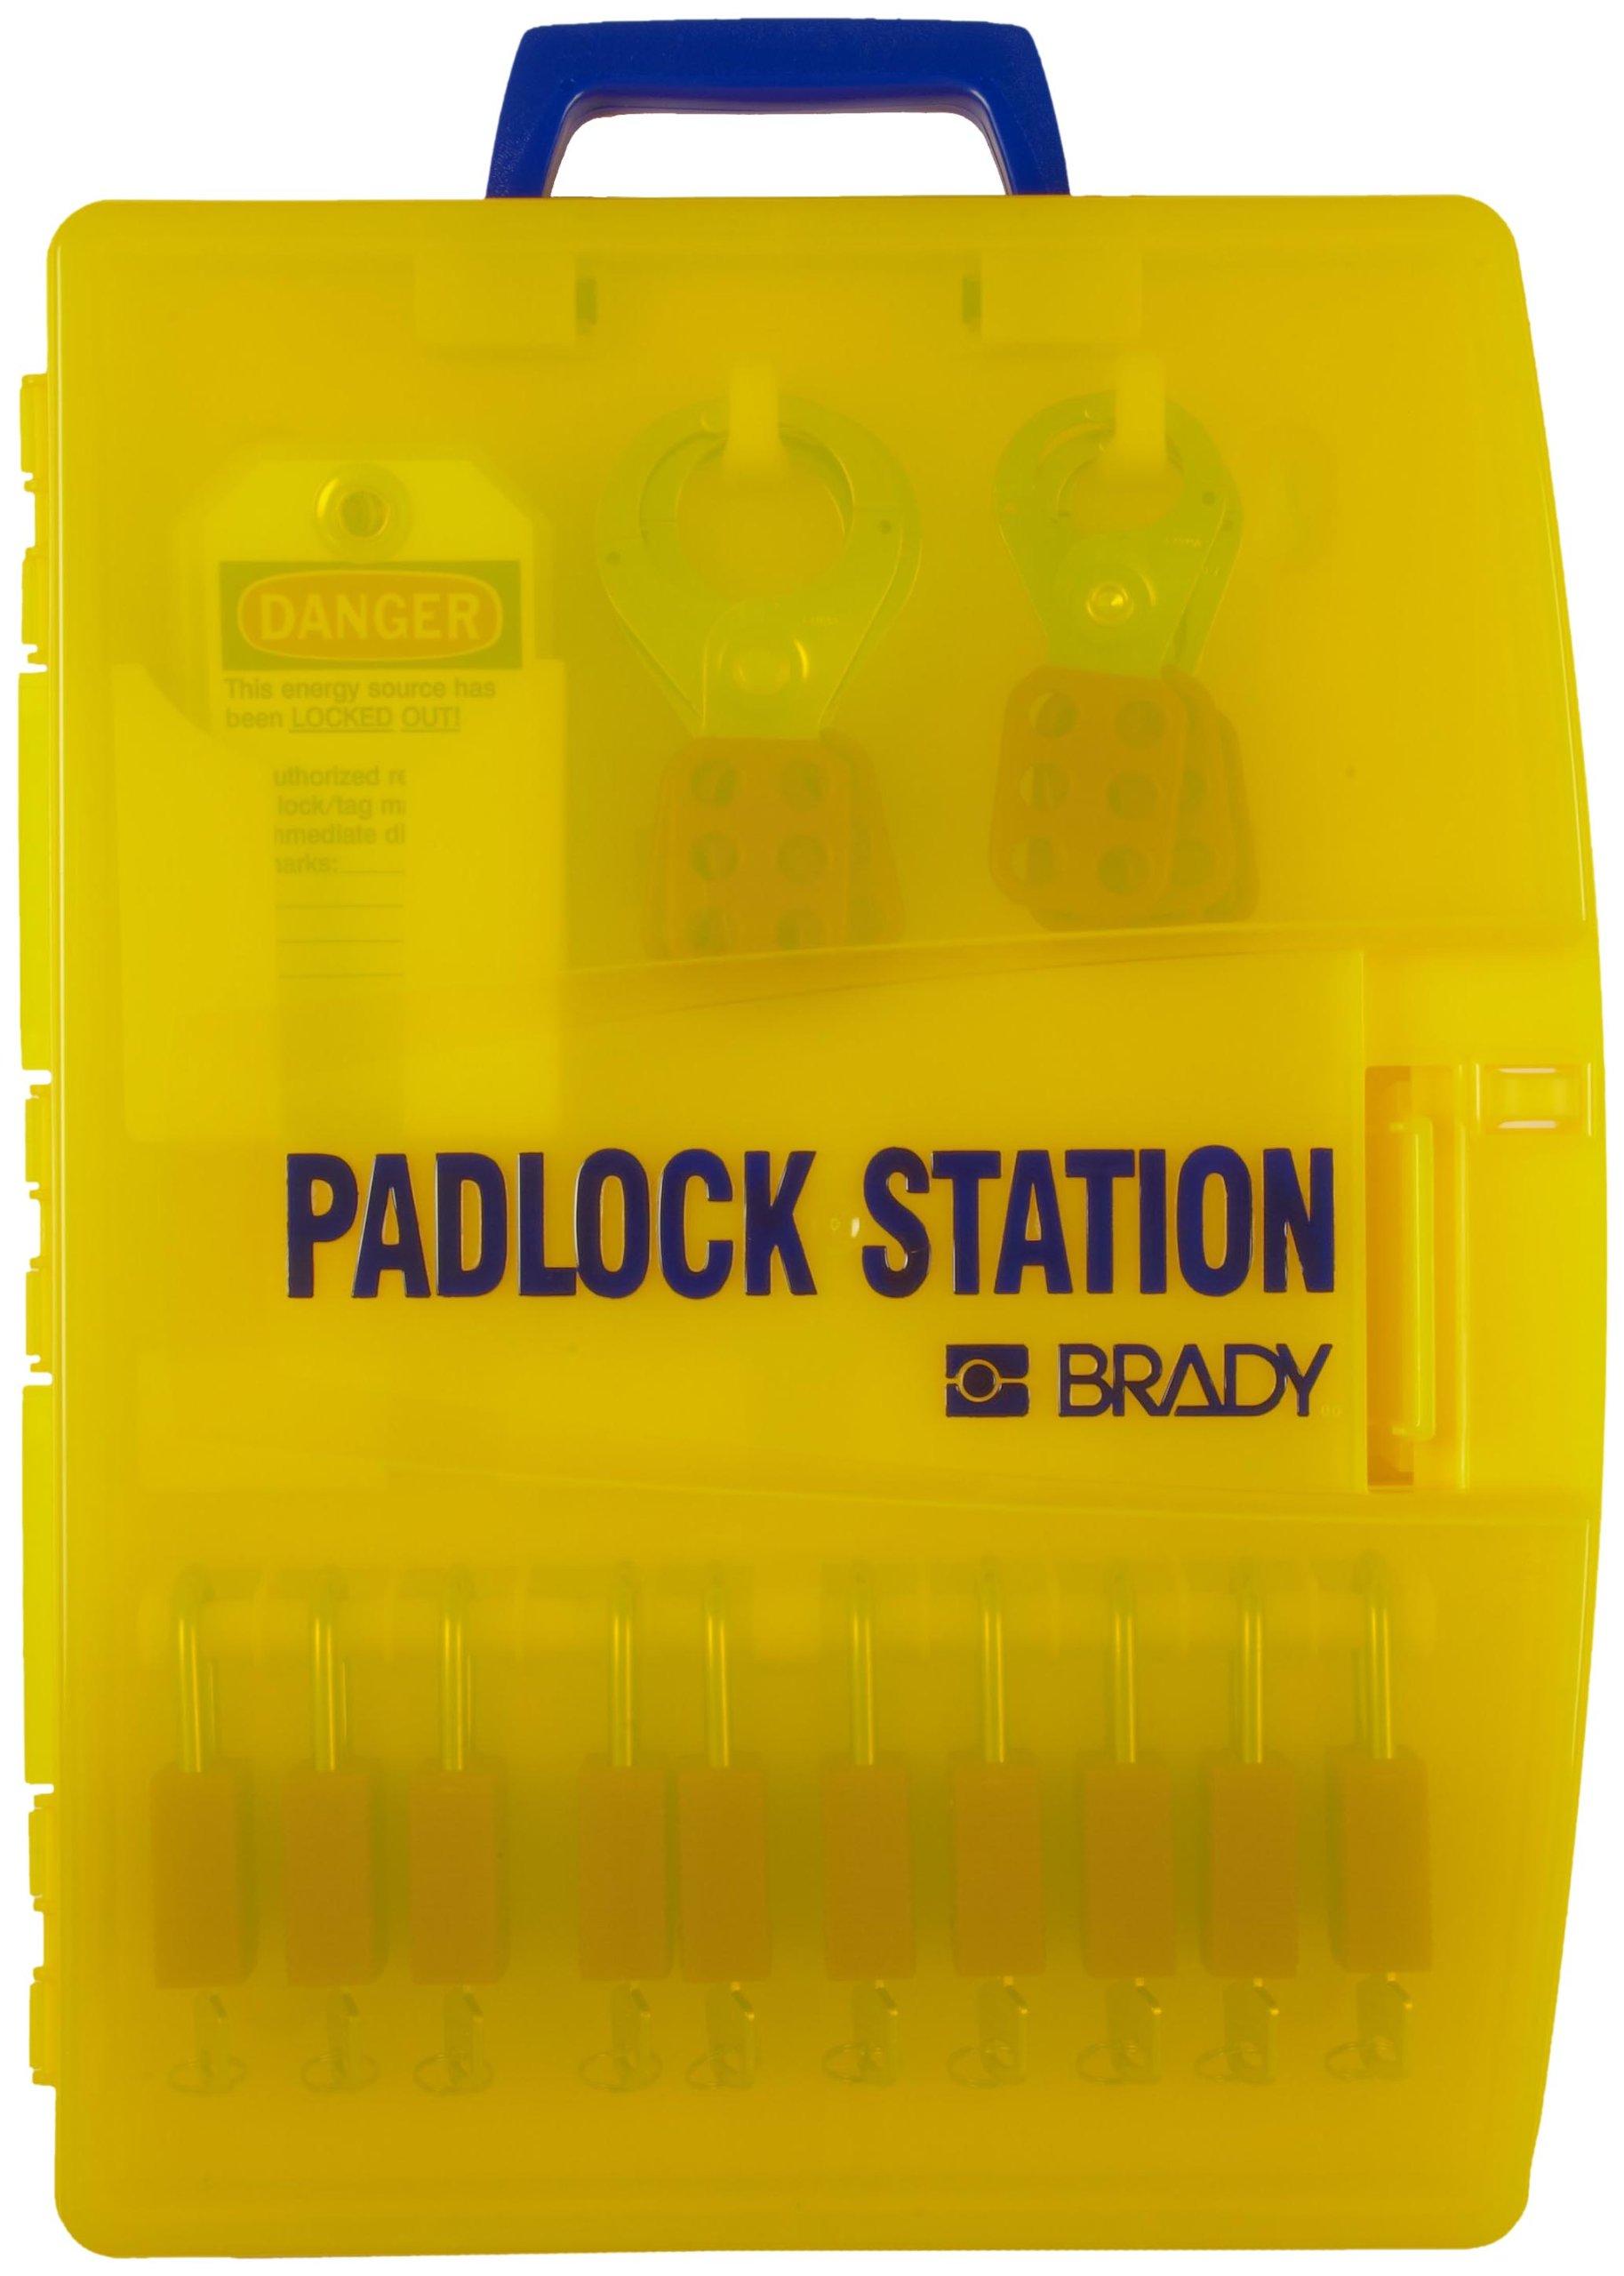 Brady Ready Access Padlock Station, Includes 10 Safety Padlocks by Brady